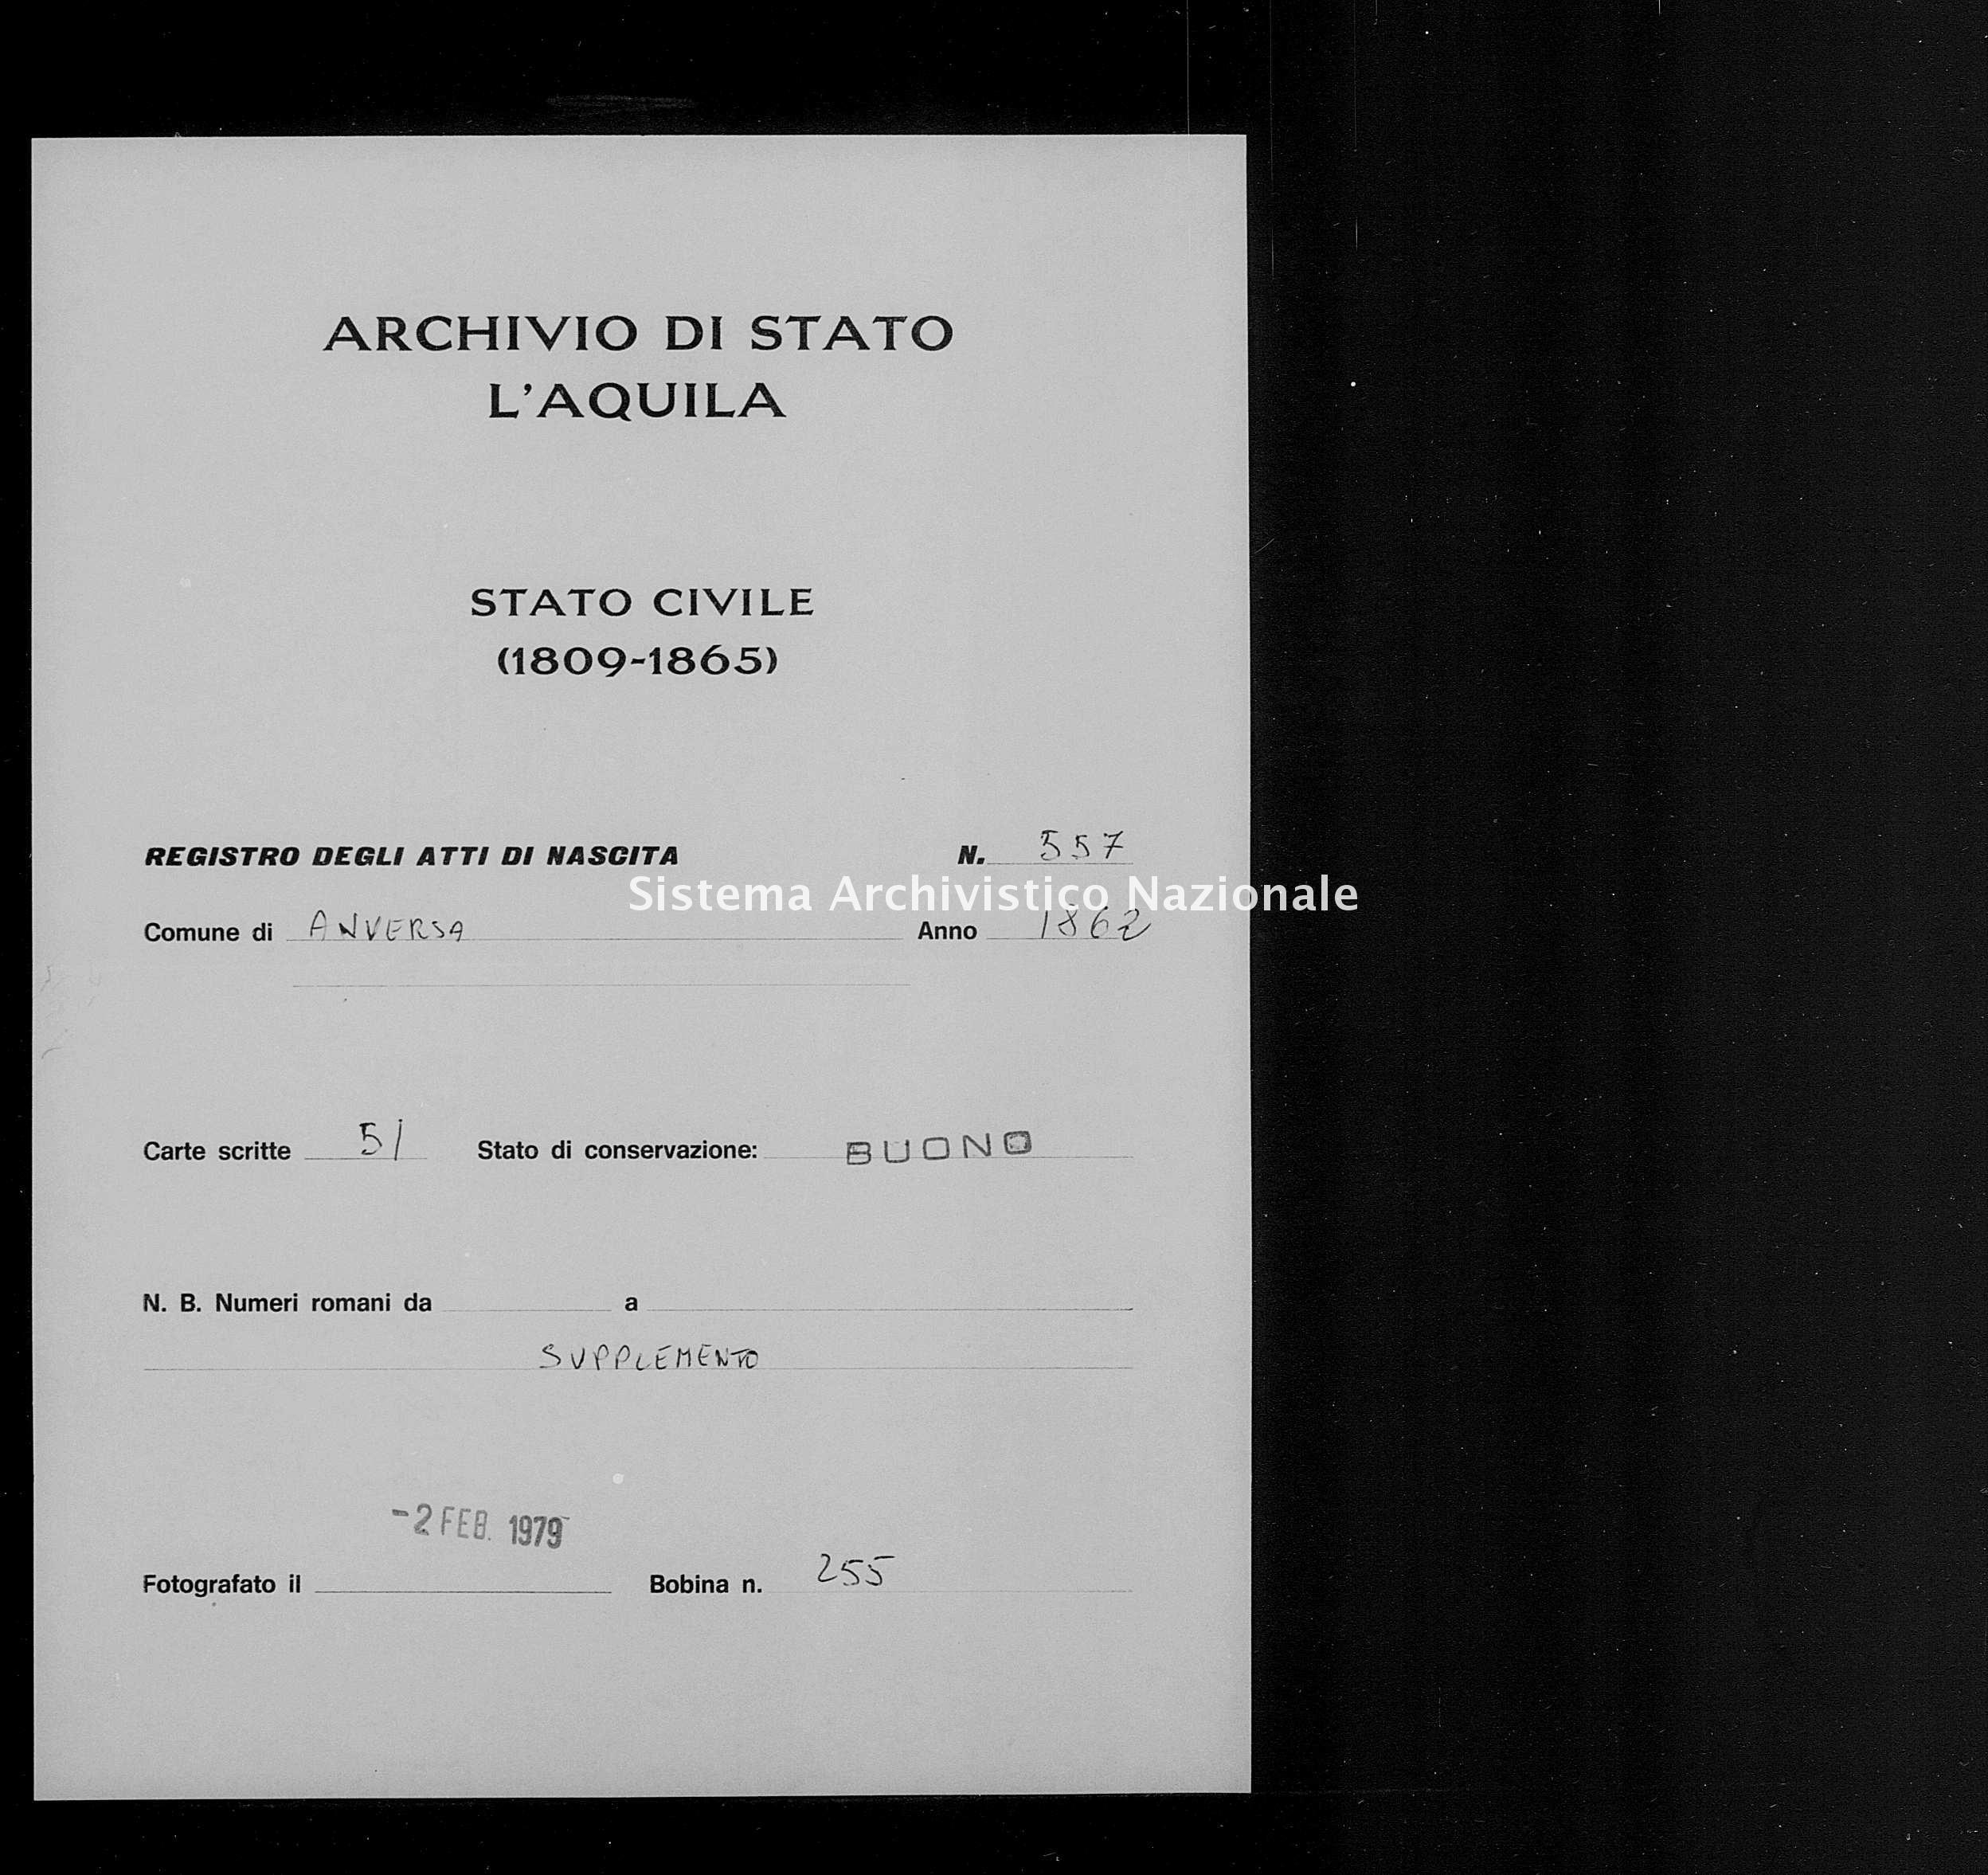 Archivio di stato di L'aquila - Stato civile italiano - Anversa degli Abruzzi - Nati, battesimi - 1862 - 557 -